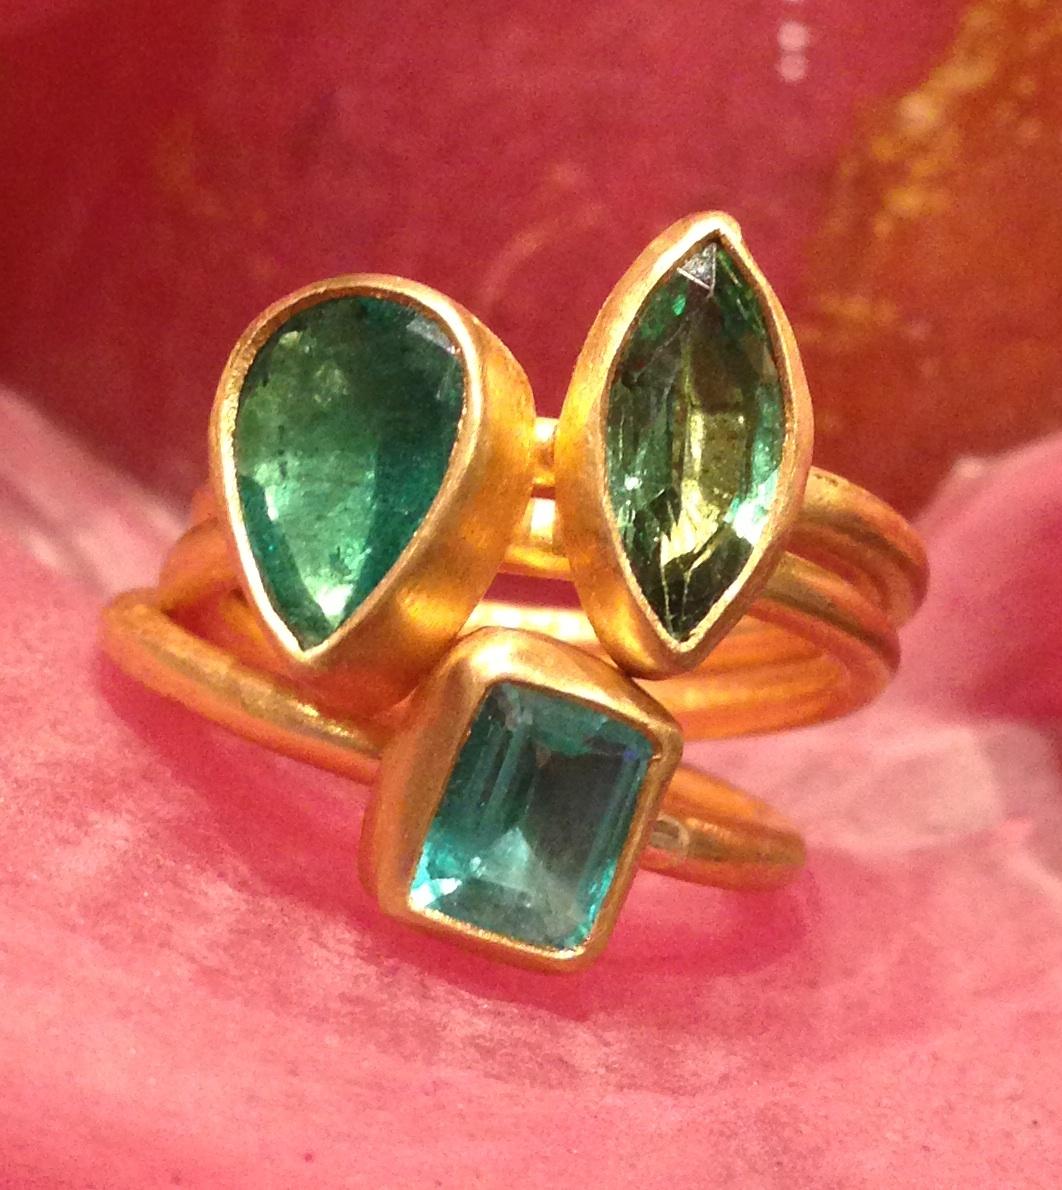 emerald stacking rings.jpg